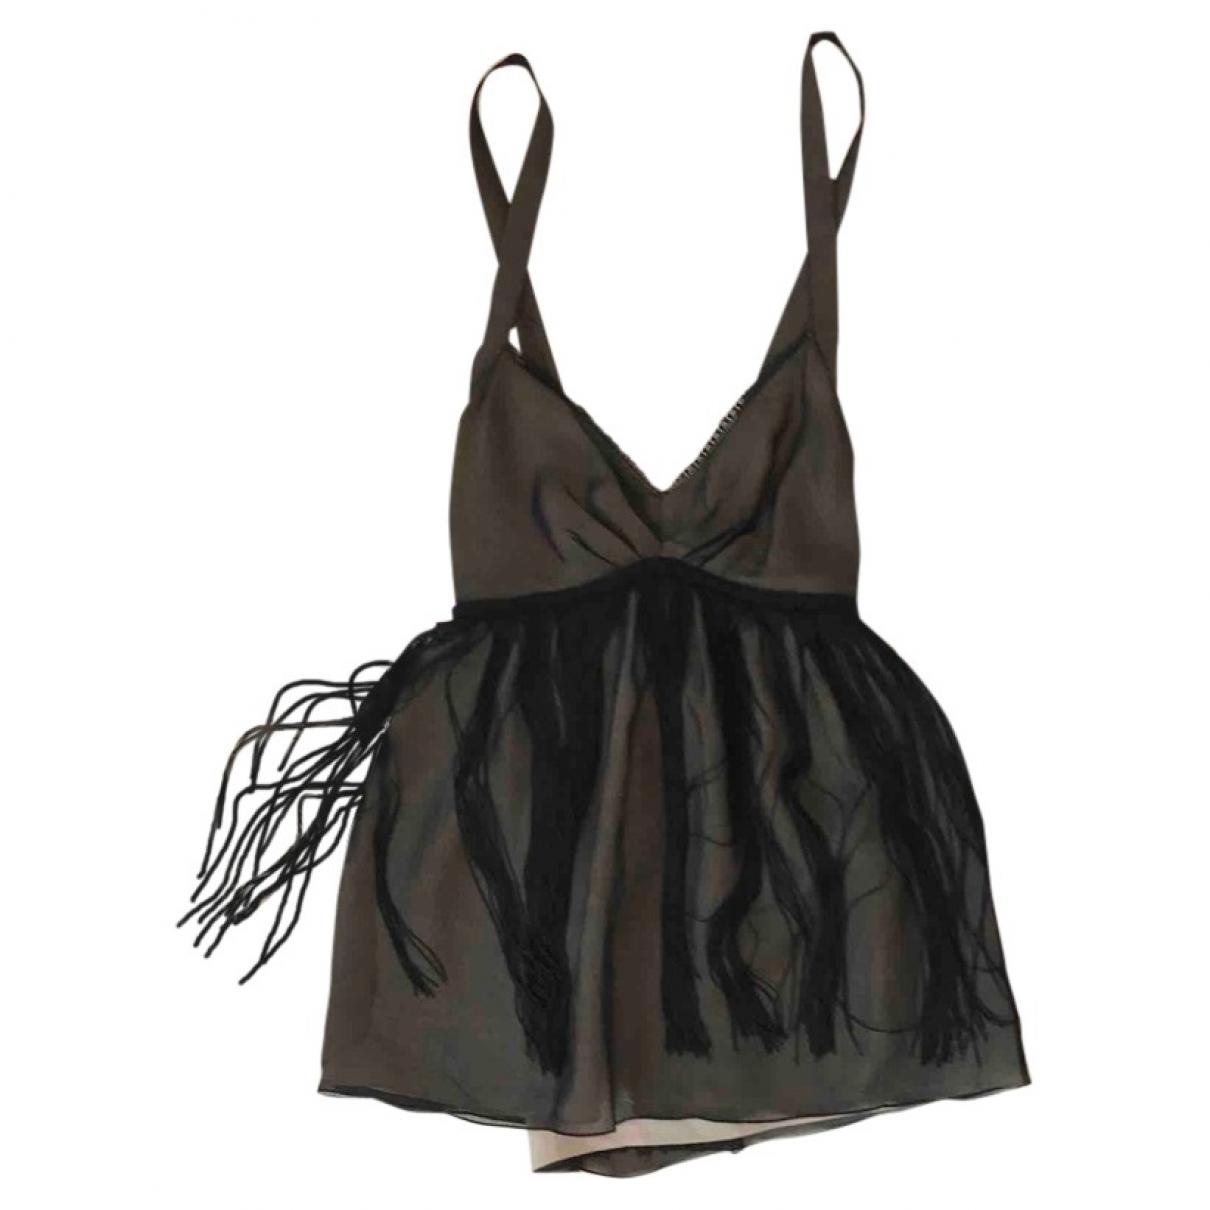 D&g \N Black  top for Women 40 IT